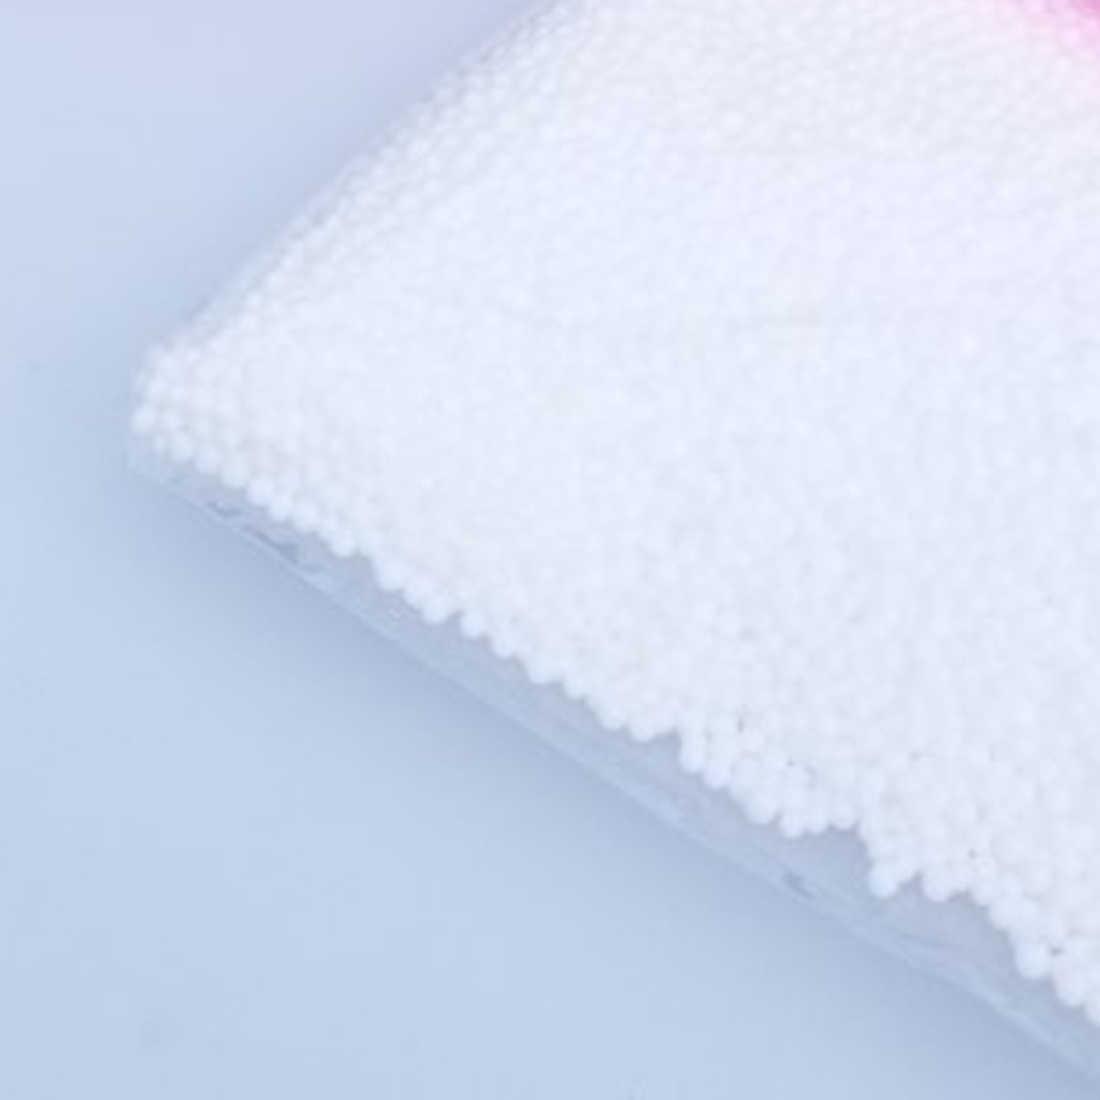 1 แพ็คสีขาวลูกปัดโฟมโพลีสไตรีนโฟมเตียงนอนหมอน Bean กระเป๋า chairsofa งานฝีมือ DIY ตกแต่ง